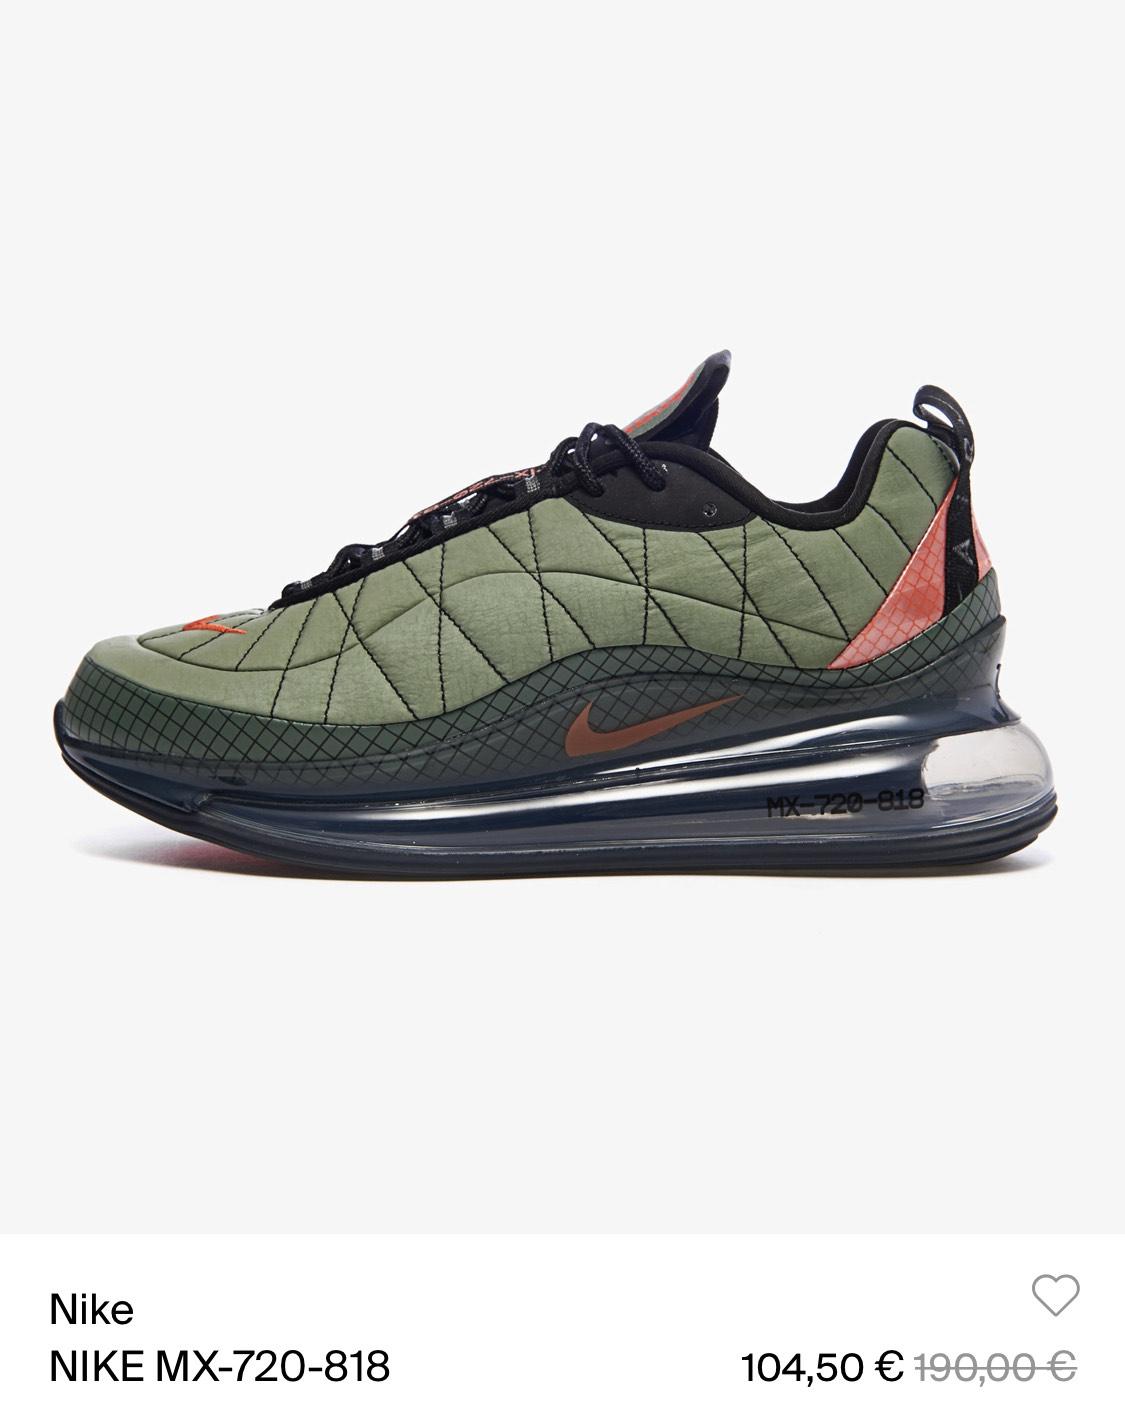 Nike NIKE MX-720-818